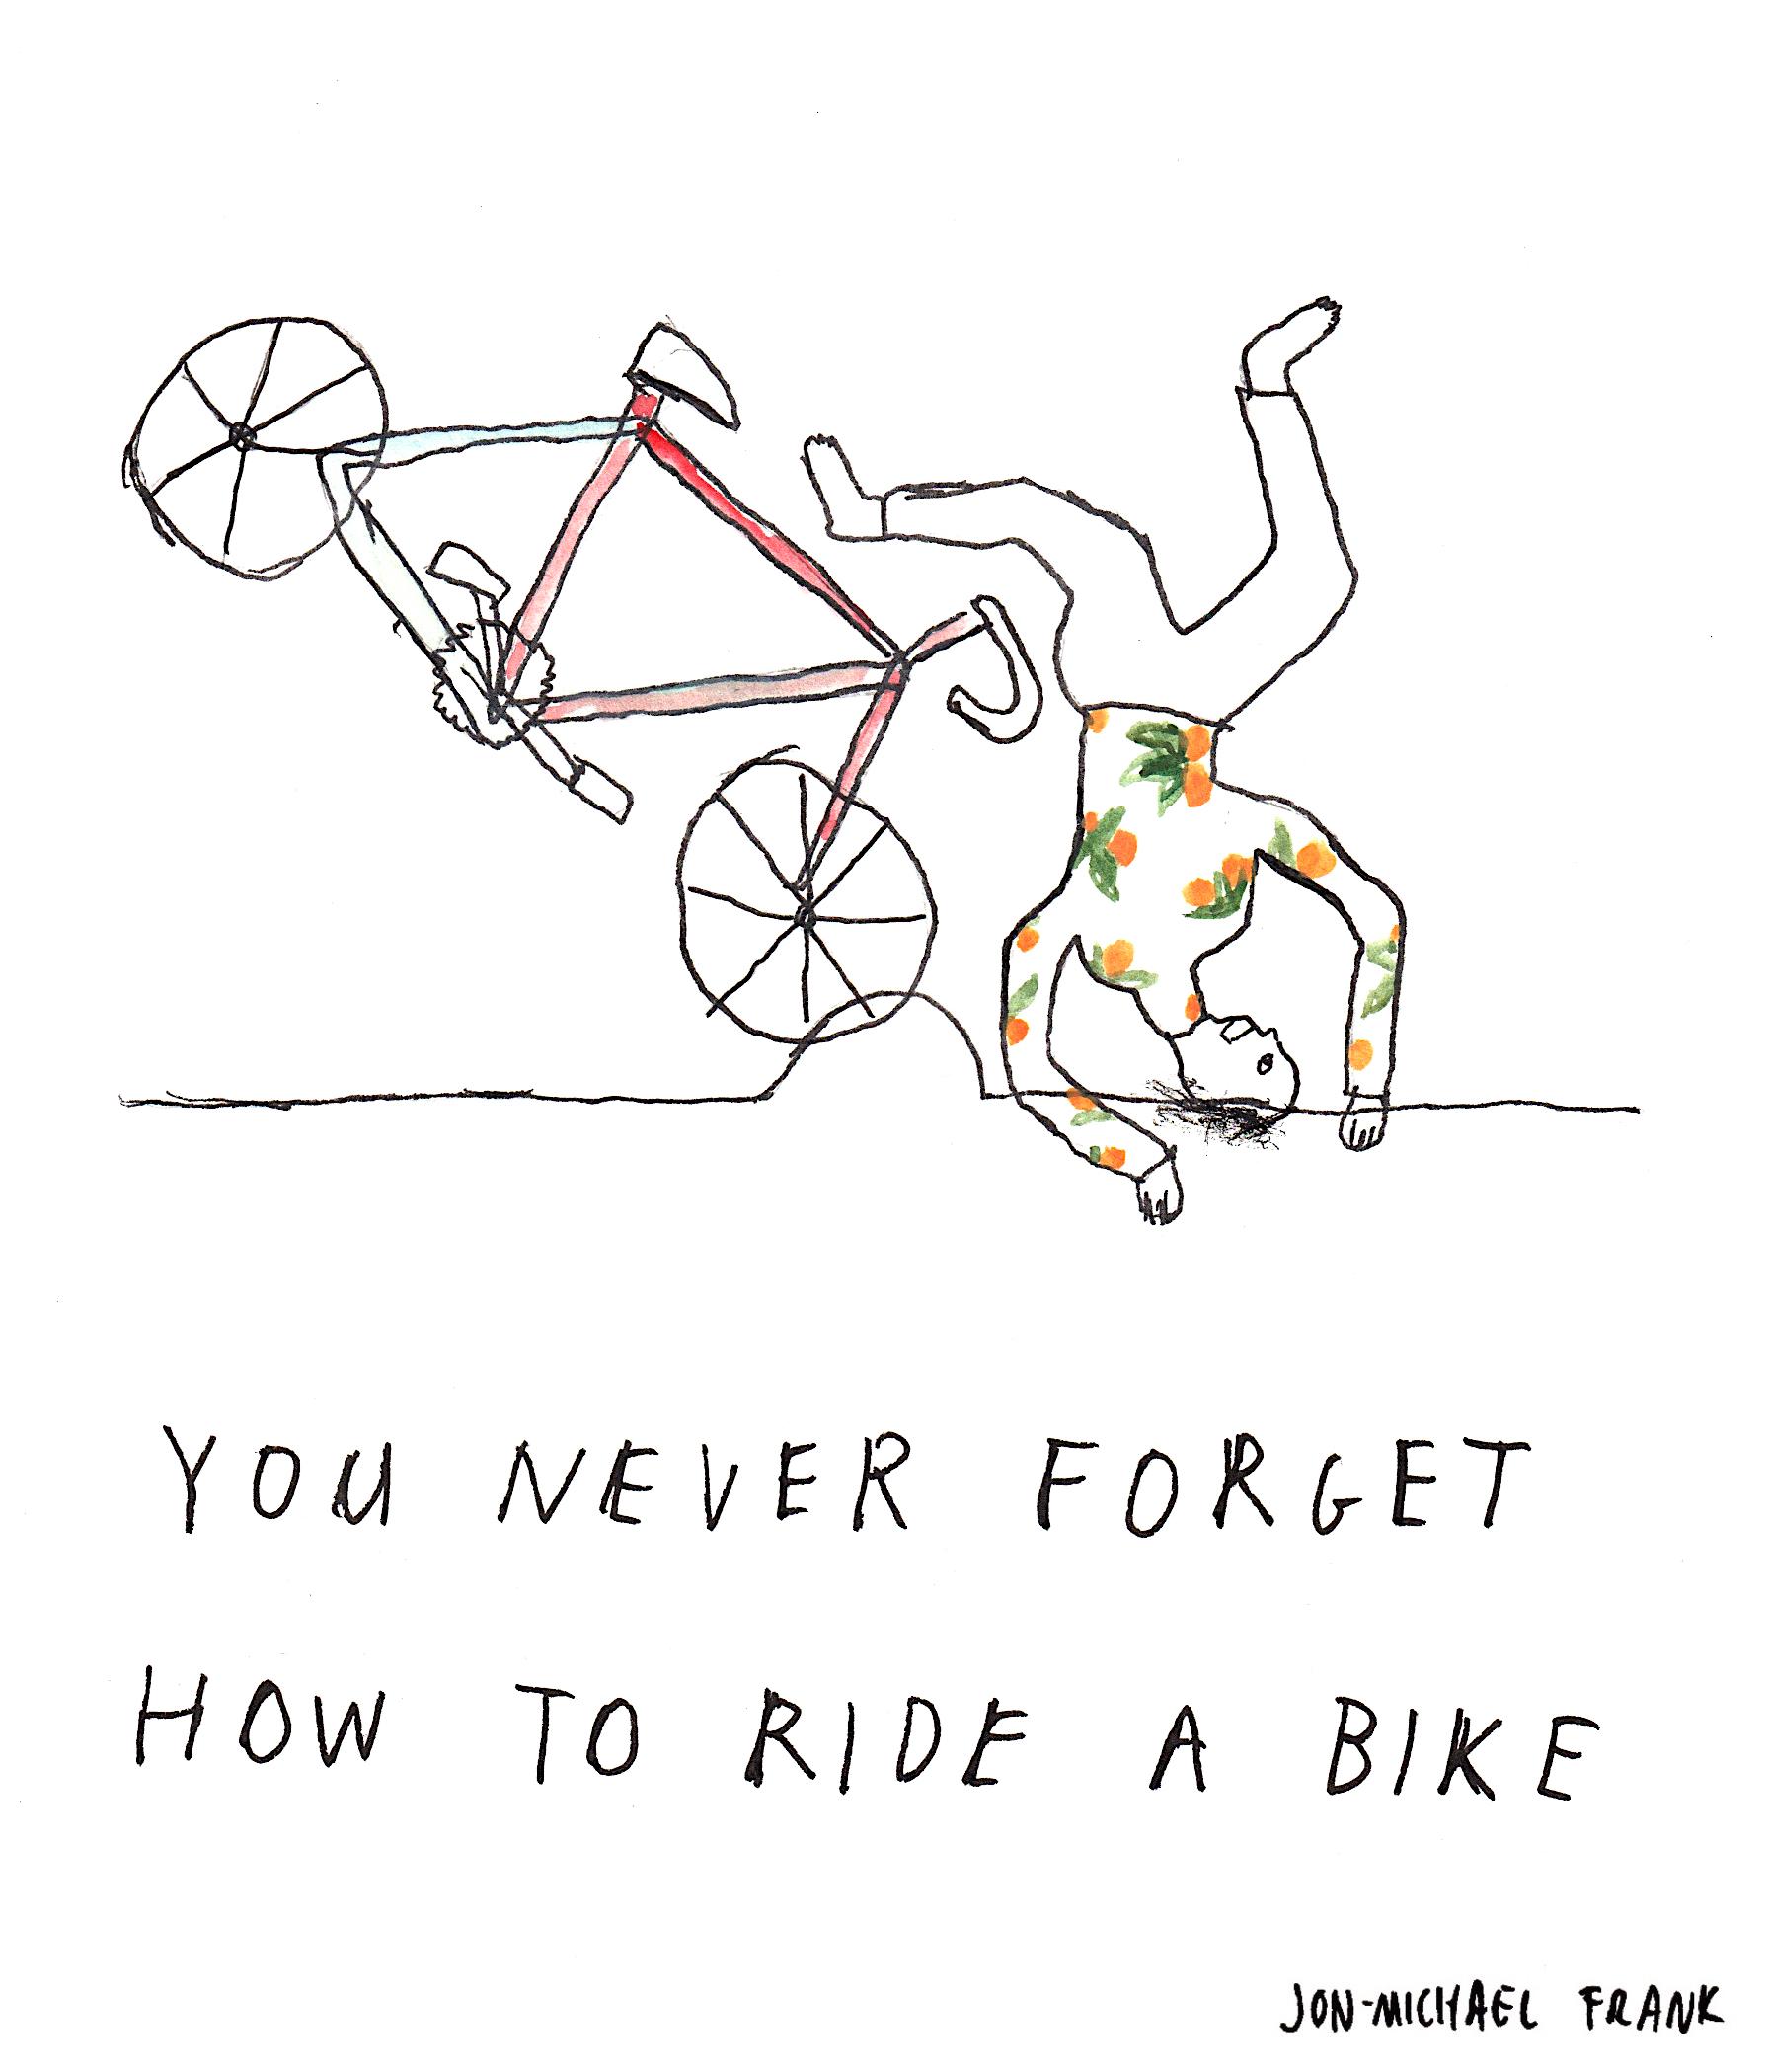 forgetbike.jpg